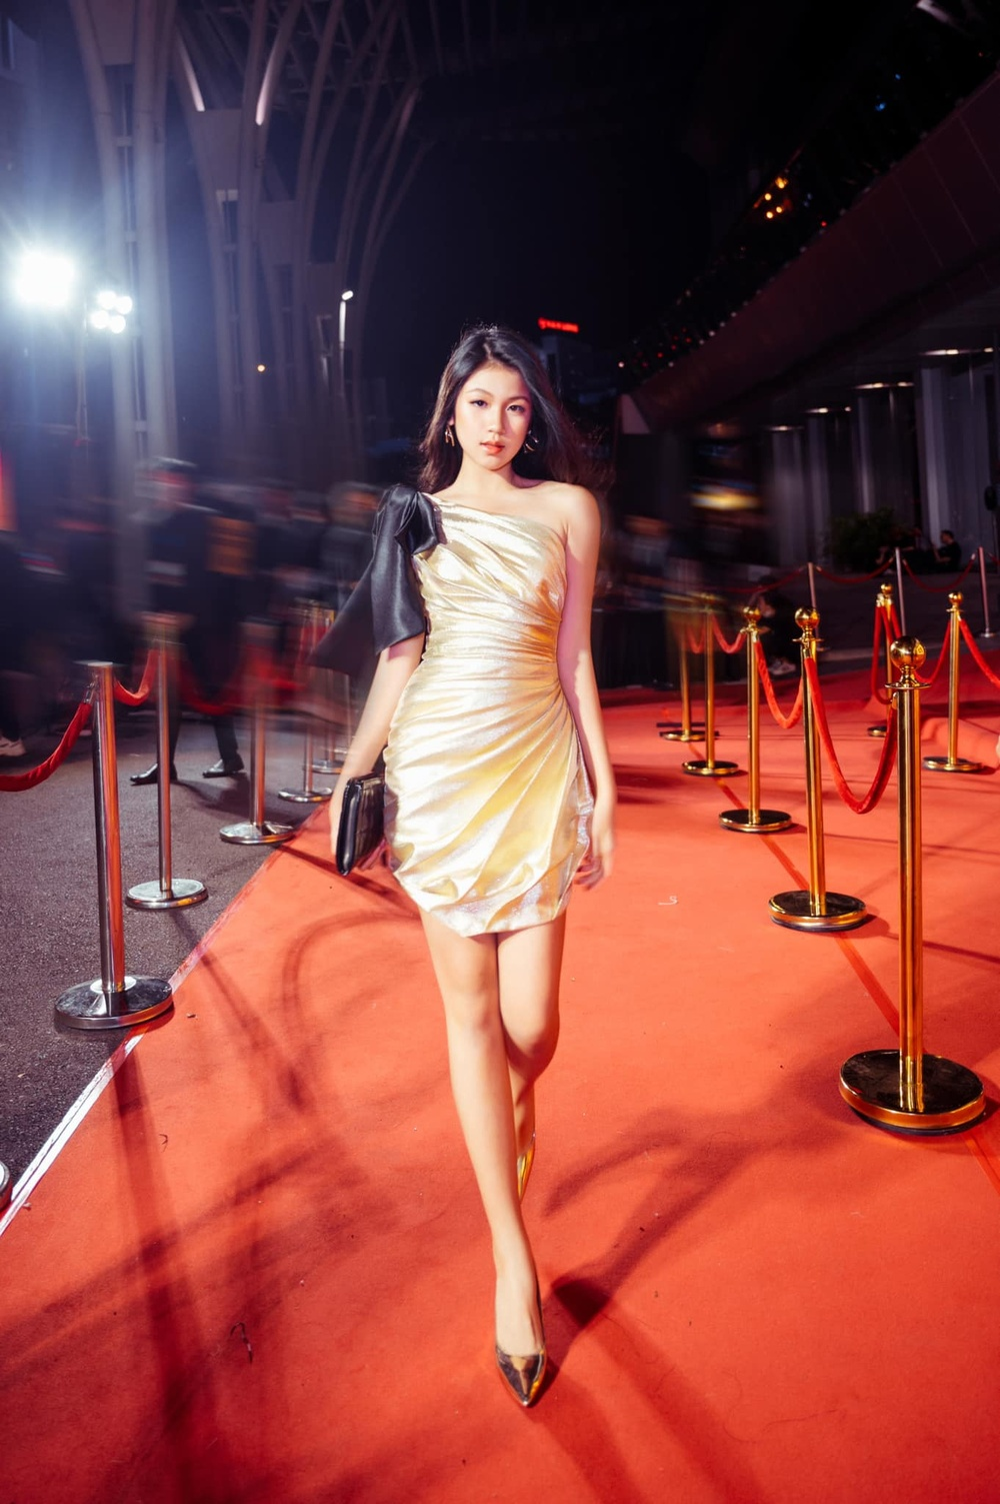 Con gái 16 tuổi của Lưu Thiên Hương khoe nhan sắc xinh như Hoa hậu khiến ai cũng say đắm Ảnh 2